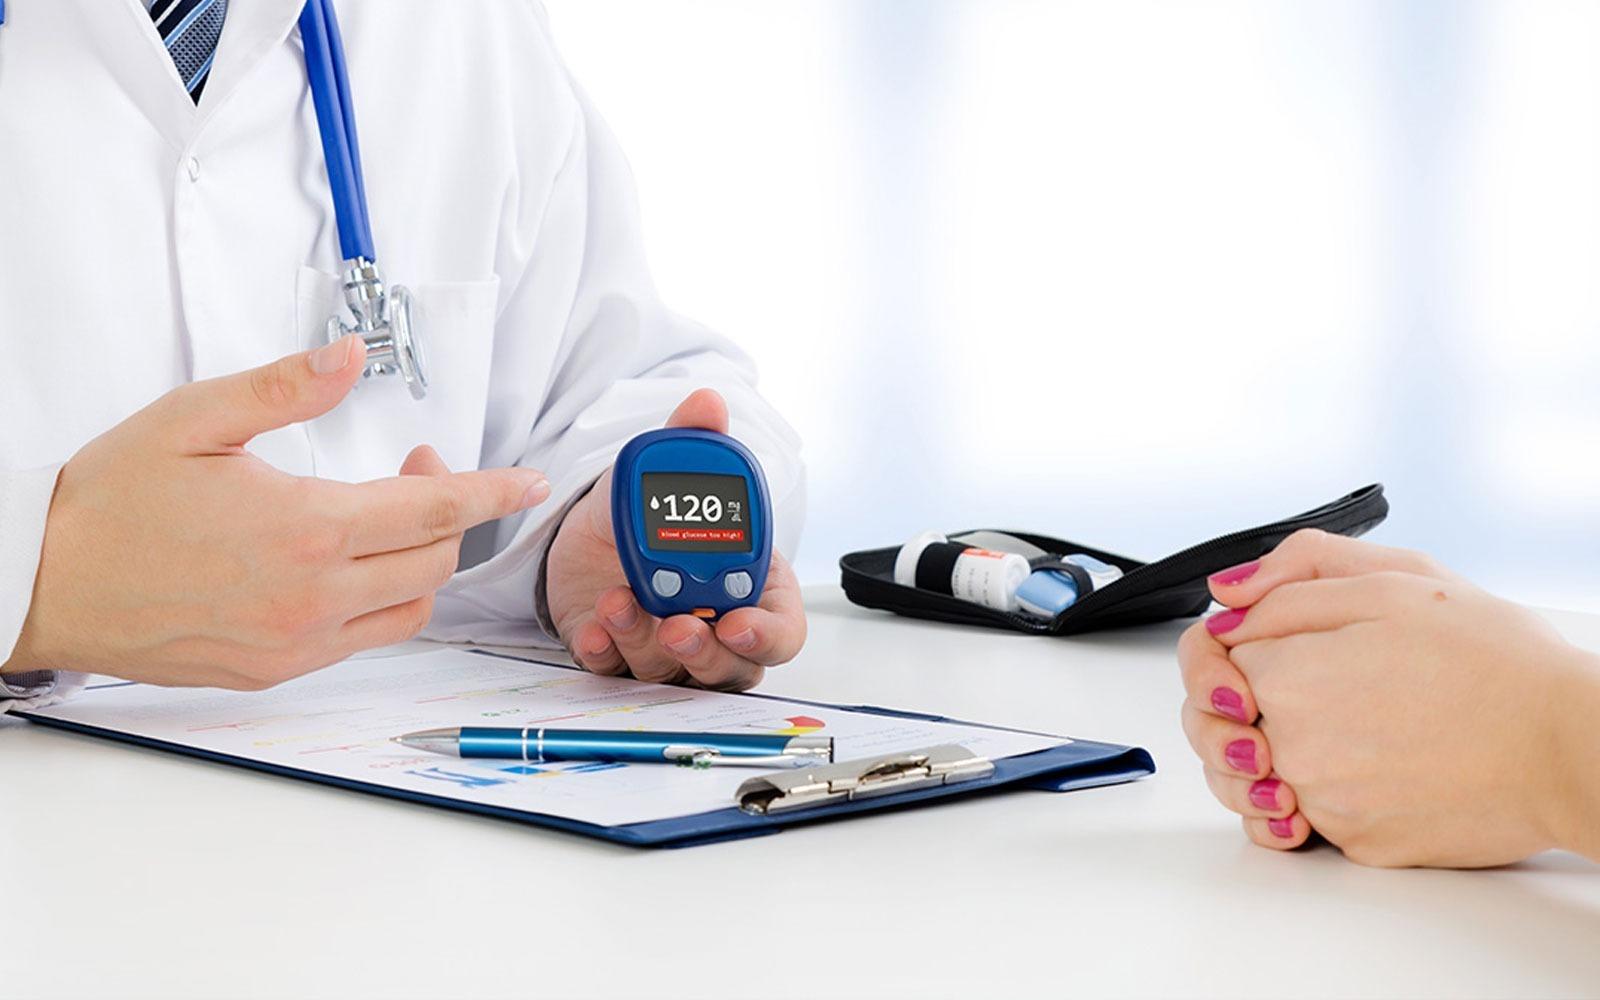 Baru Terdiagnosis Diabetes? Ini 4 Hal yang Perlu Anda Dilakukan